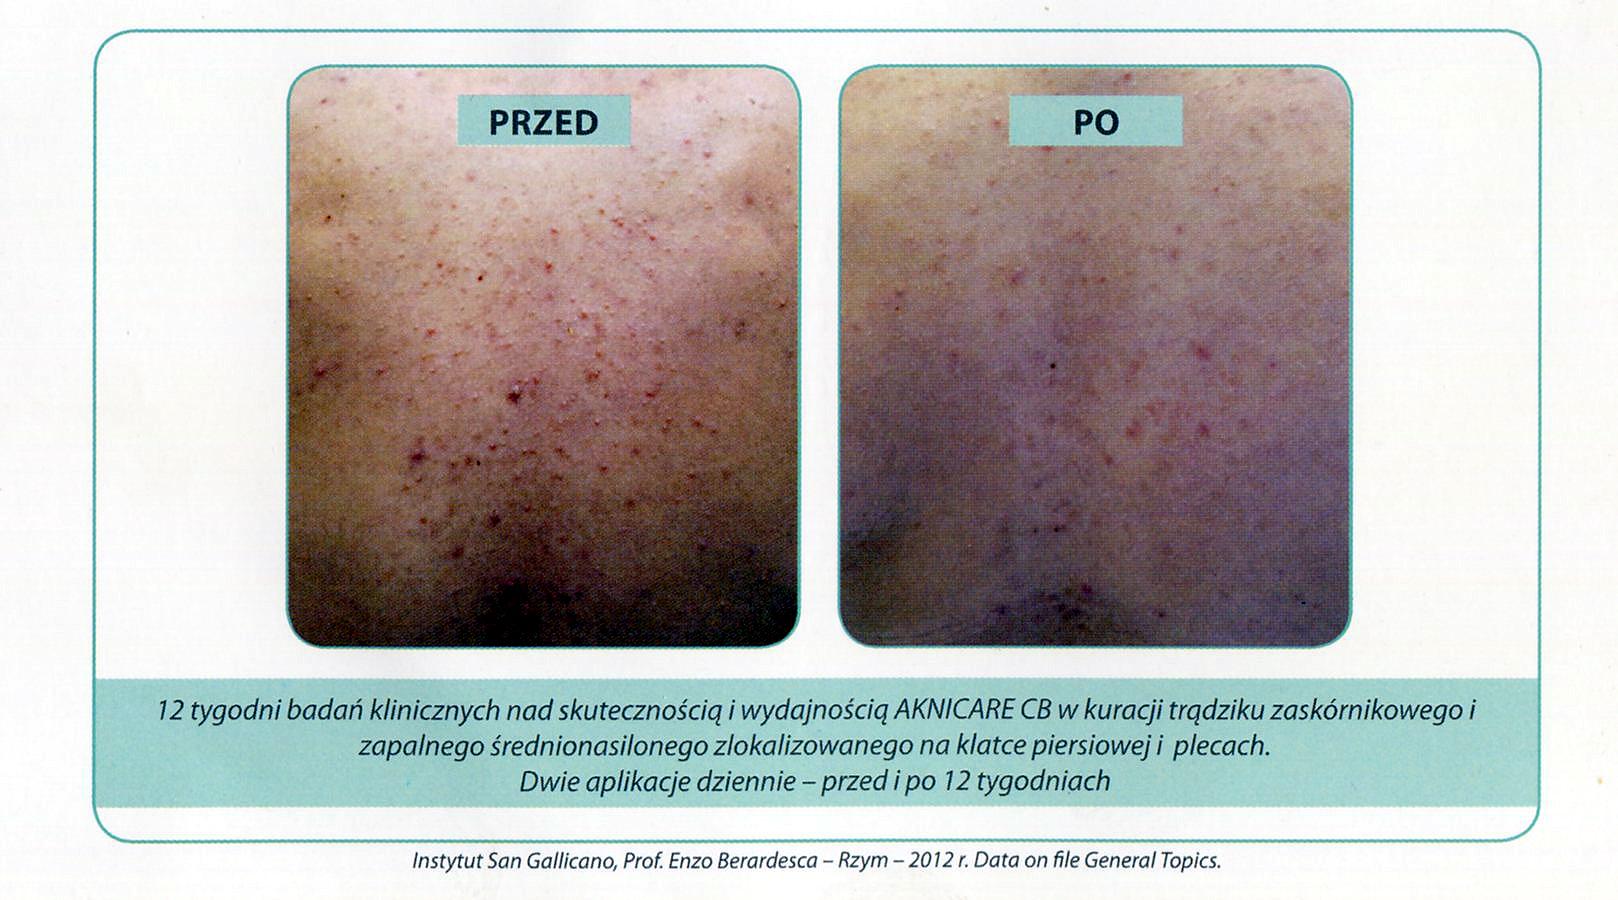 efekty stosowania aknicare chest & back